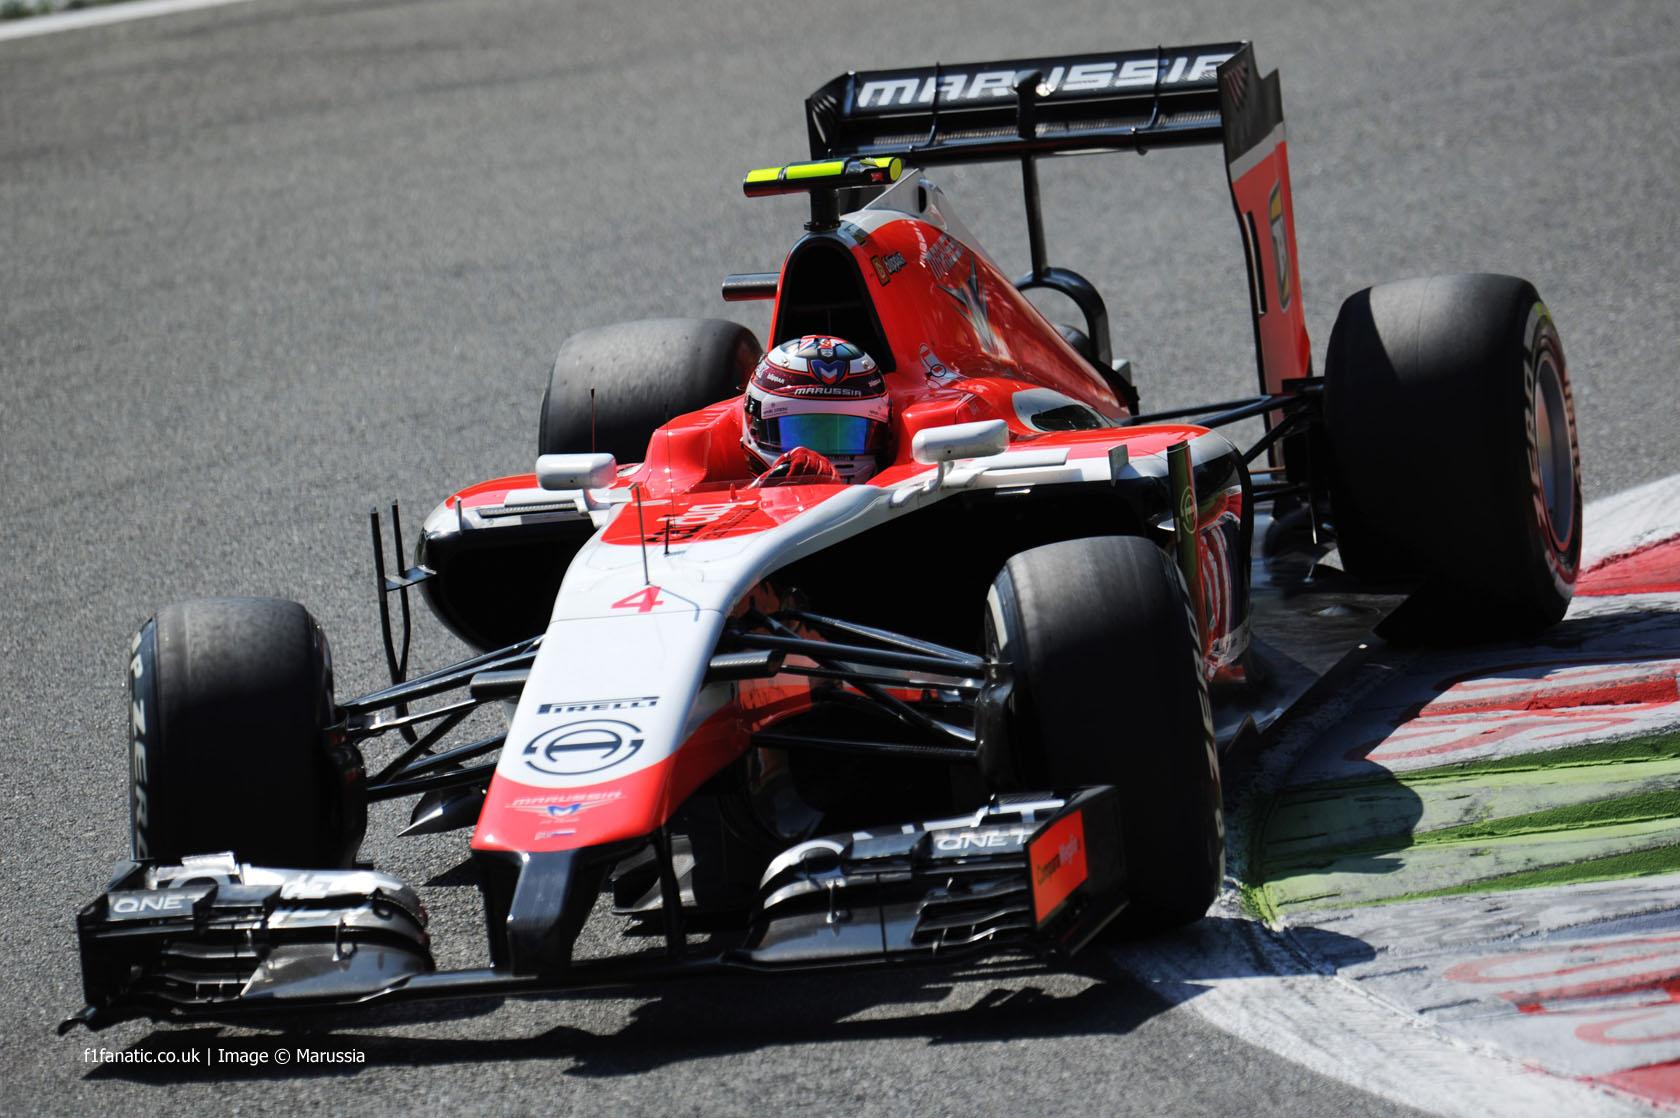 Max Chilton, Marussia, Monza, 2014